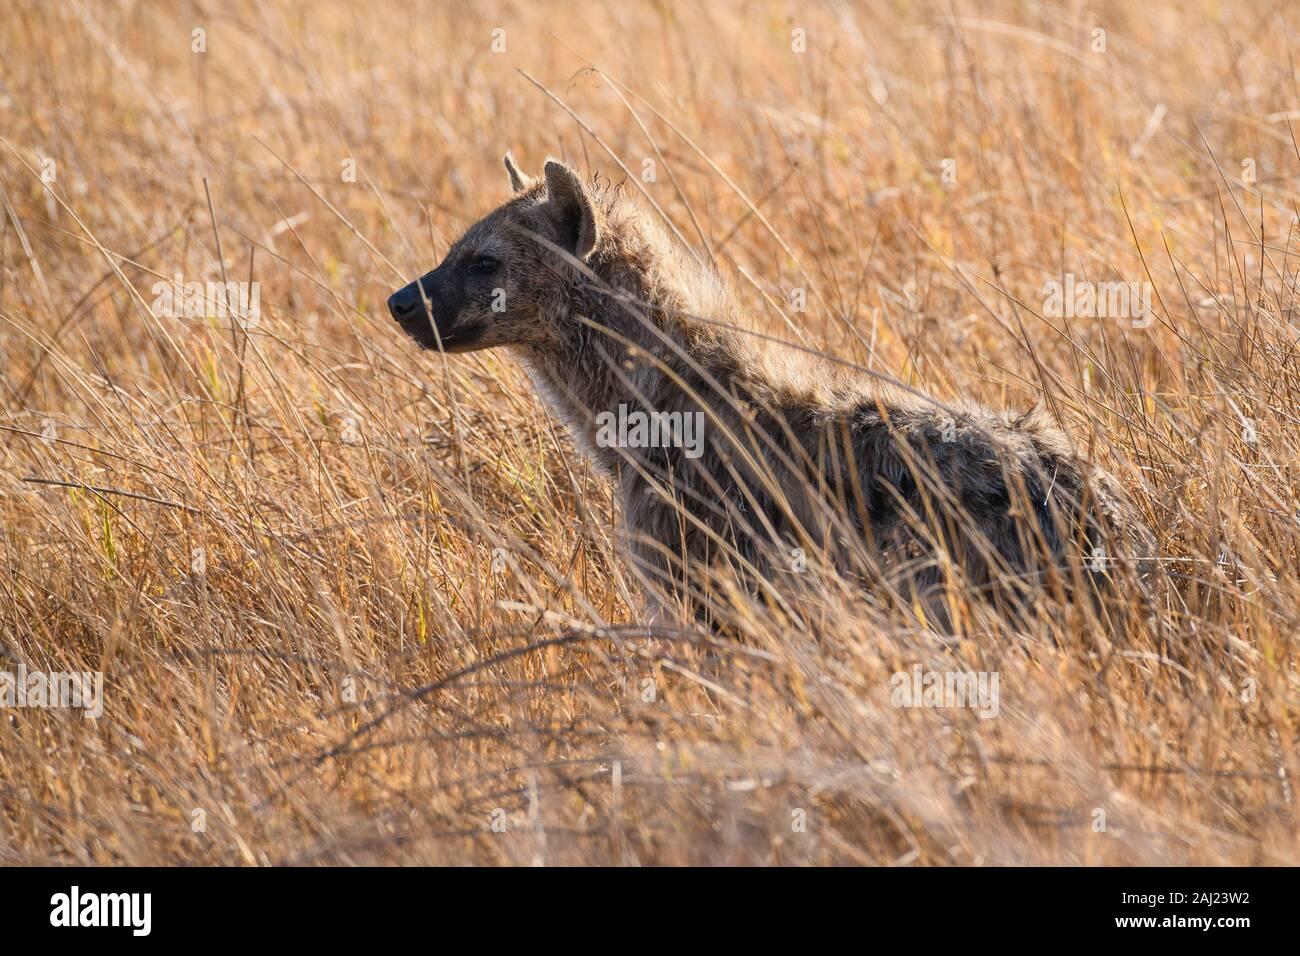 L'Hyène tachetée (Crocuta crocuta), Khwai Réserve privée, Okavango Delta, Botswana, Africa Banque D'Images